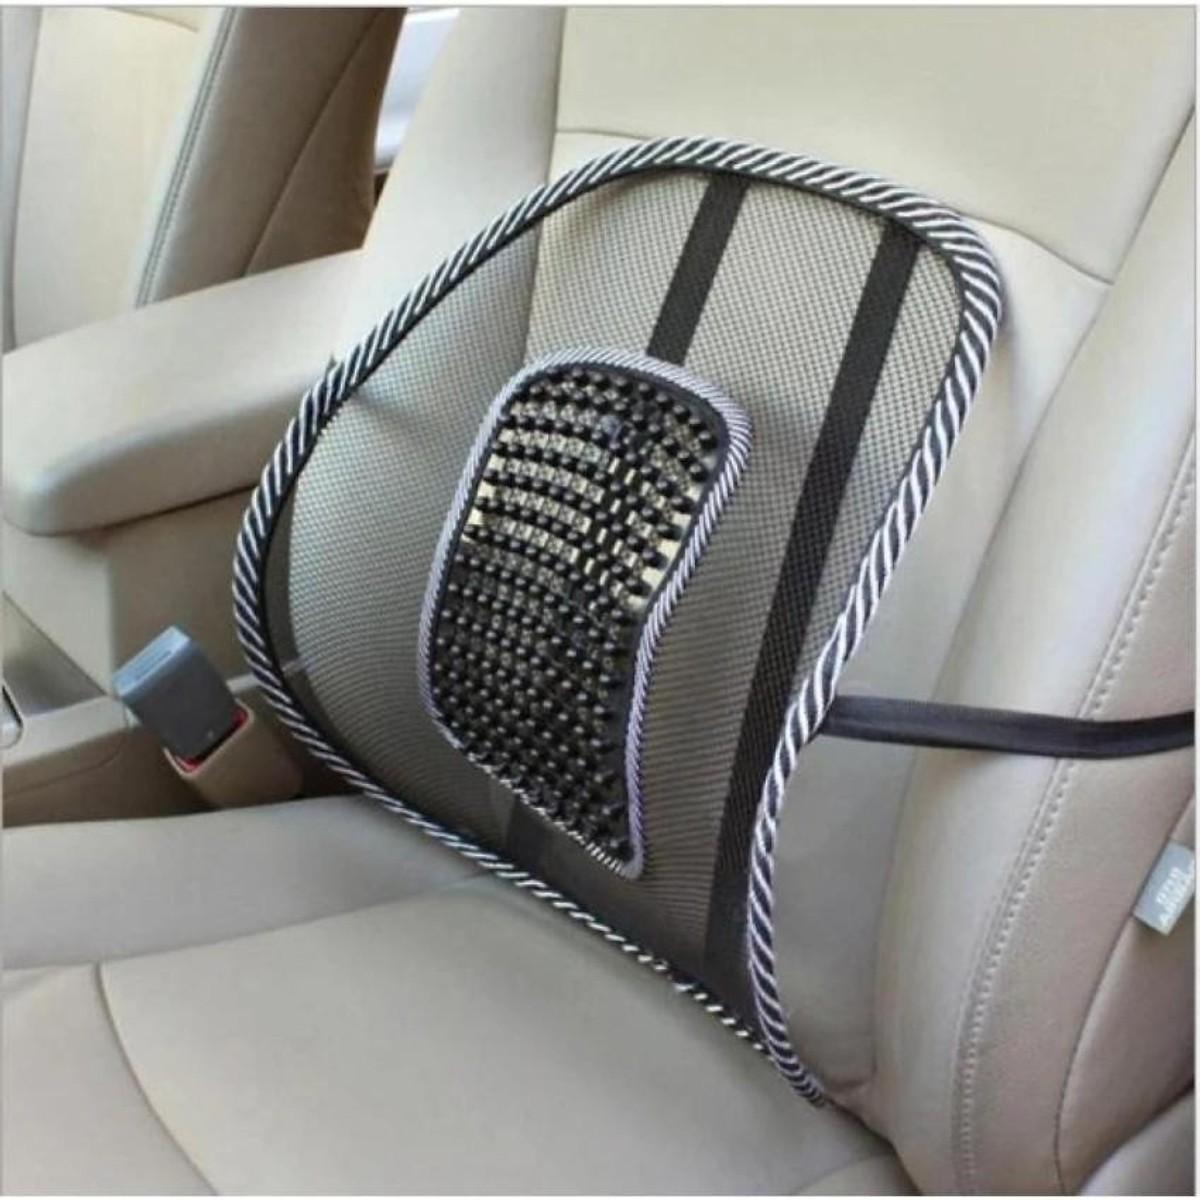 Tấm lưới tựa lưng ghế ô tô, hạn chế tối đa sự chịu lực của cột sống